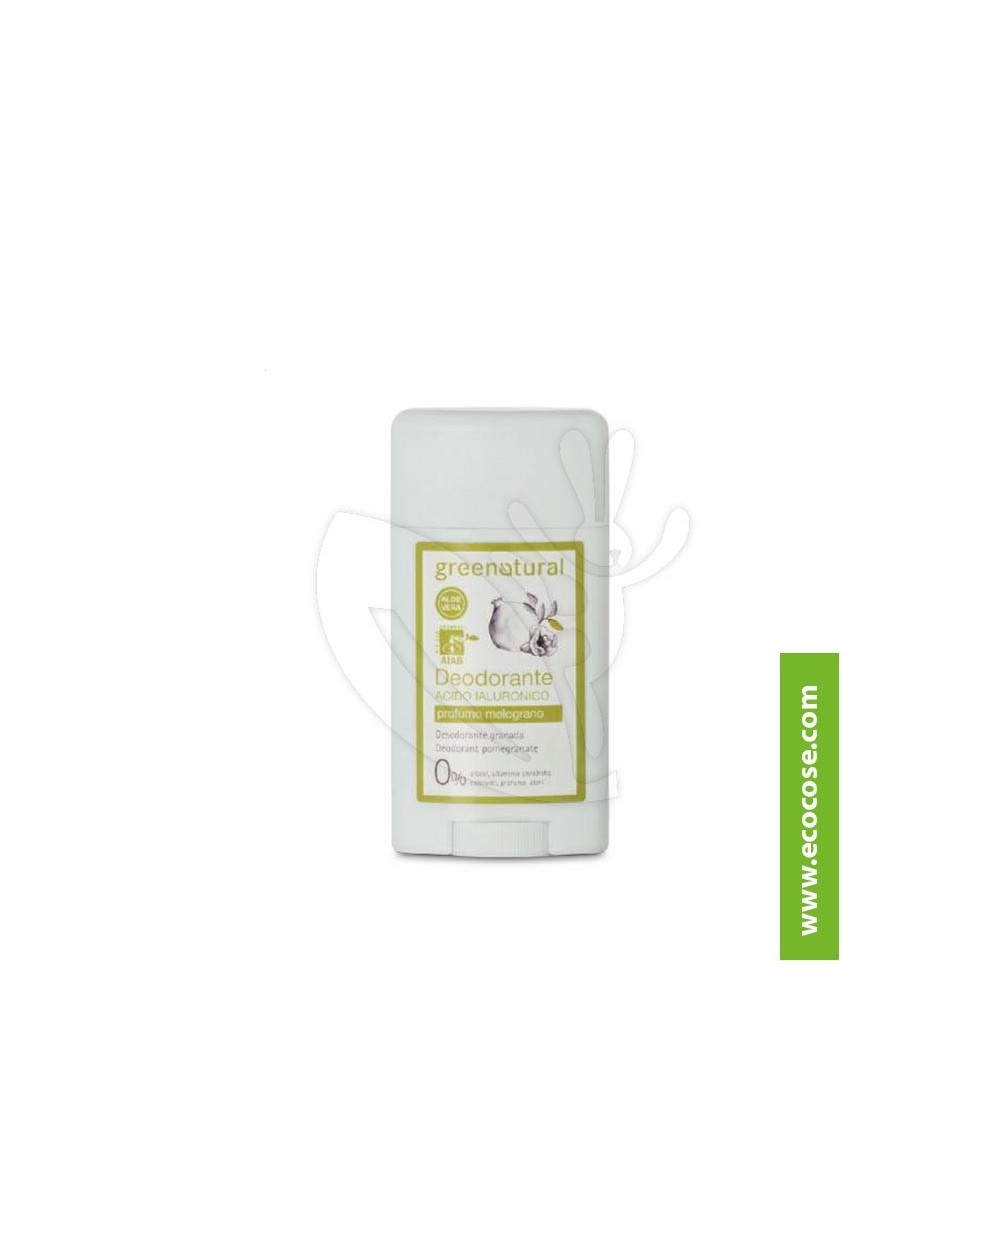 Greenatural - Deodorante stick in gel Acido Ialuronico - Melograno